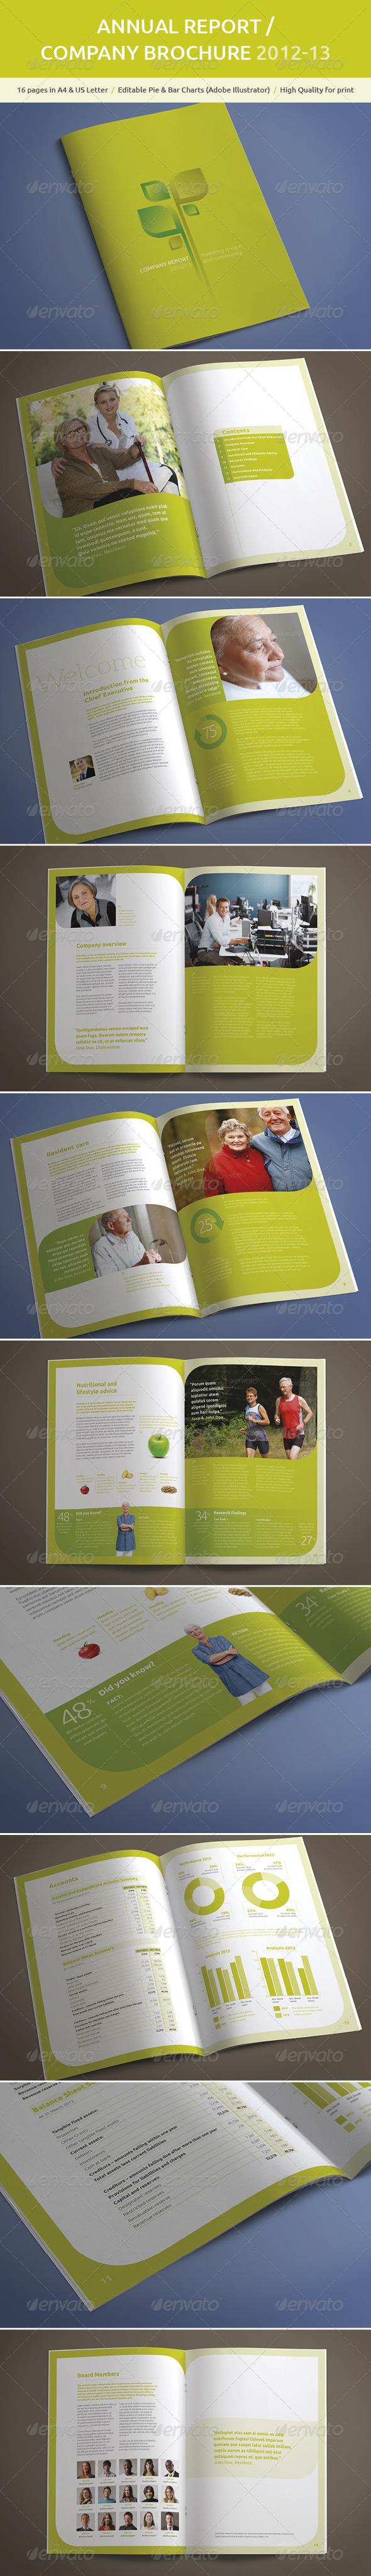 GraphicRiver A4 Annual Report Company Brochure 4995175